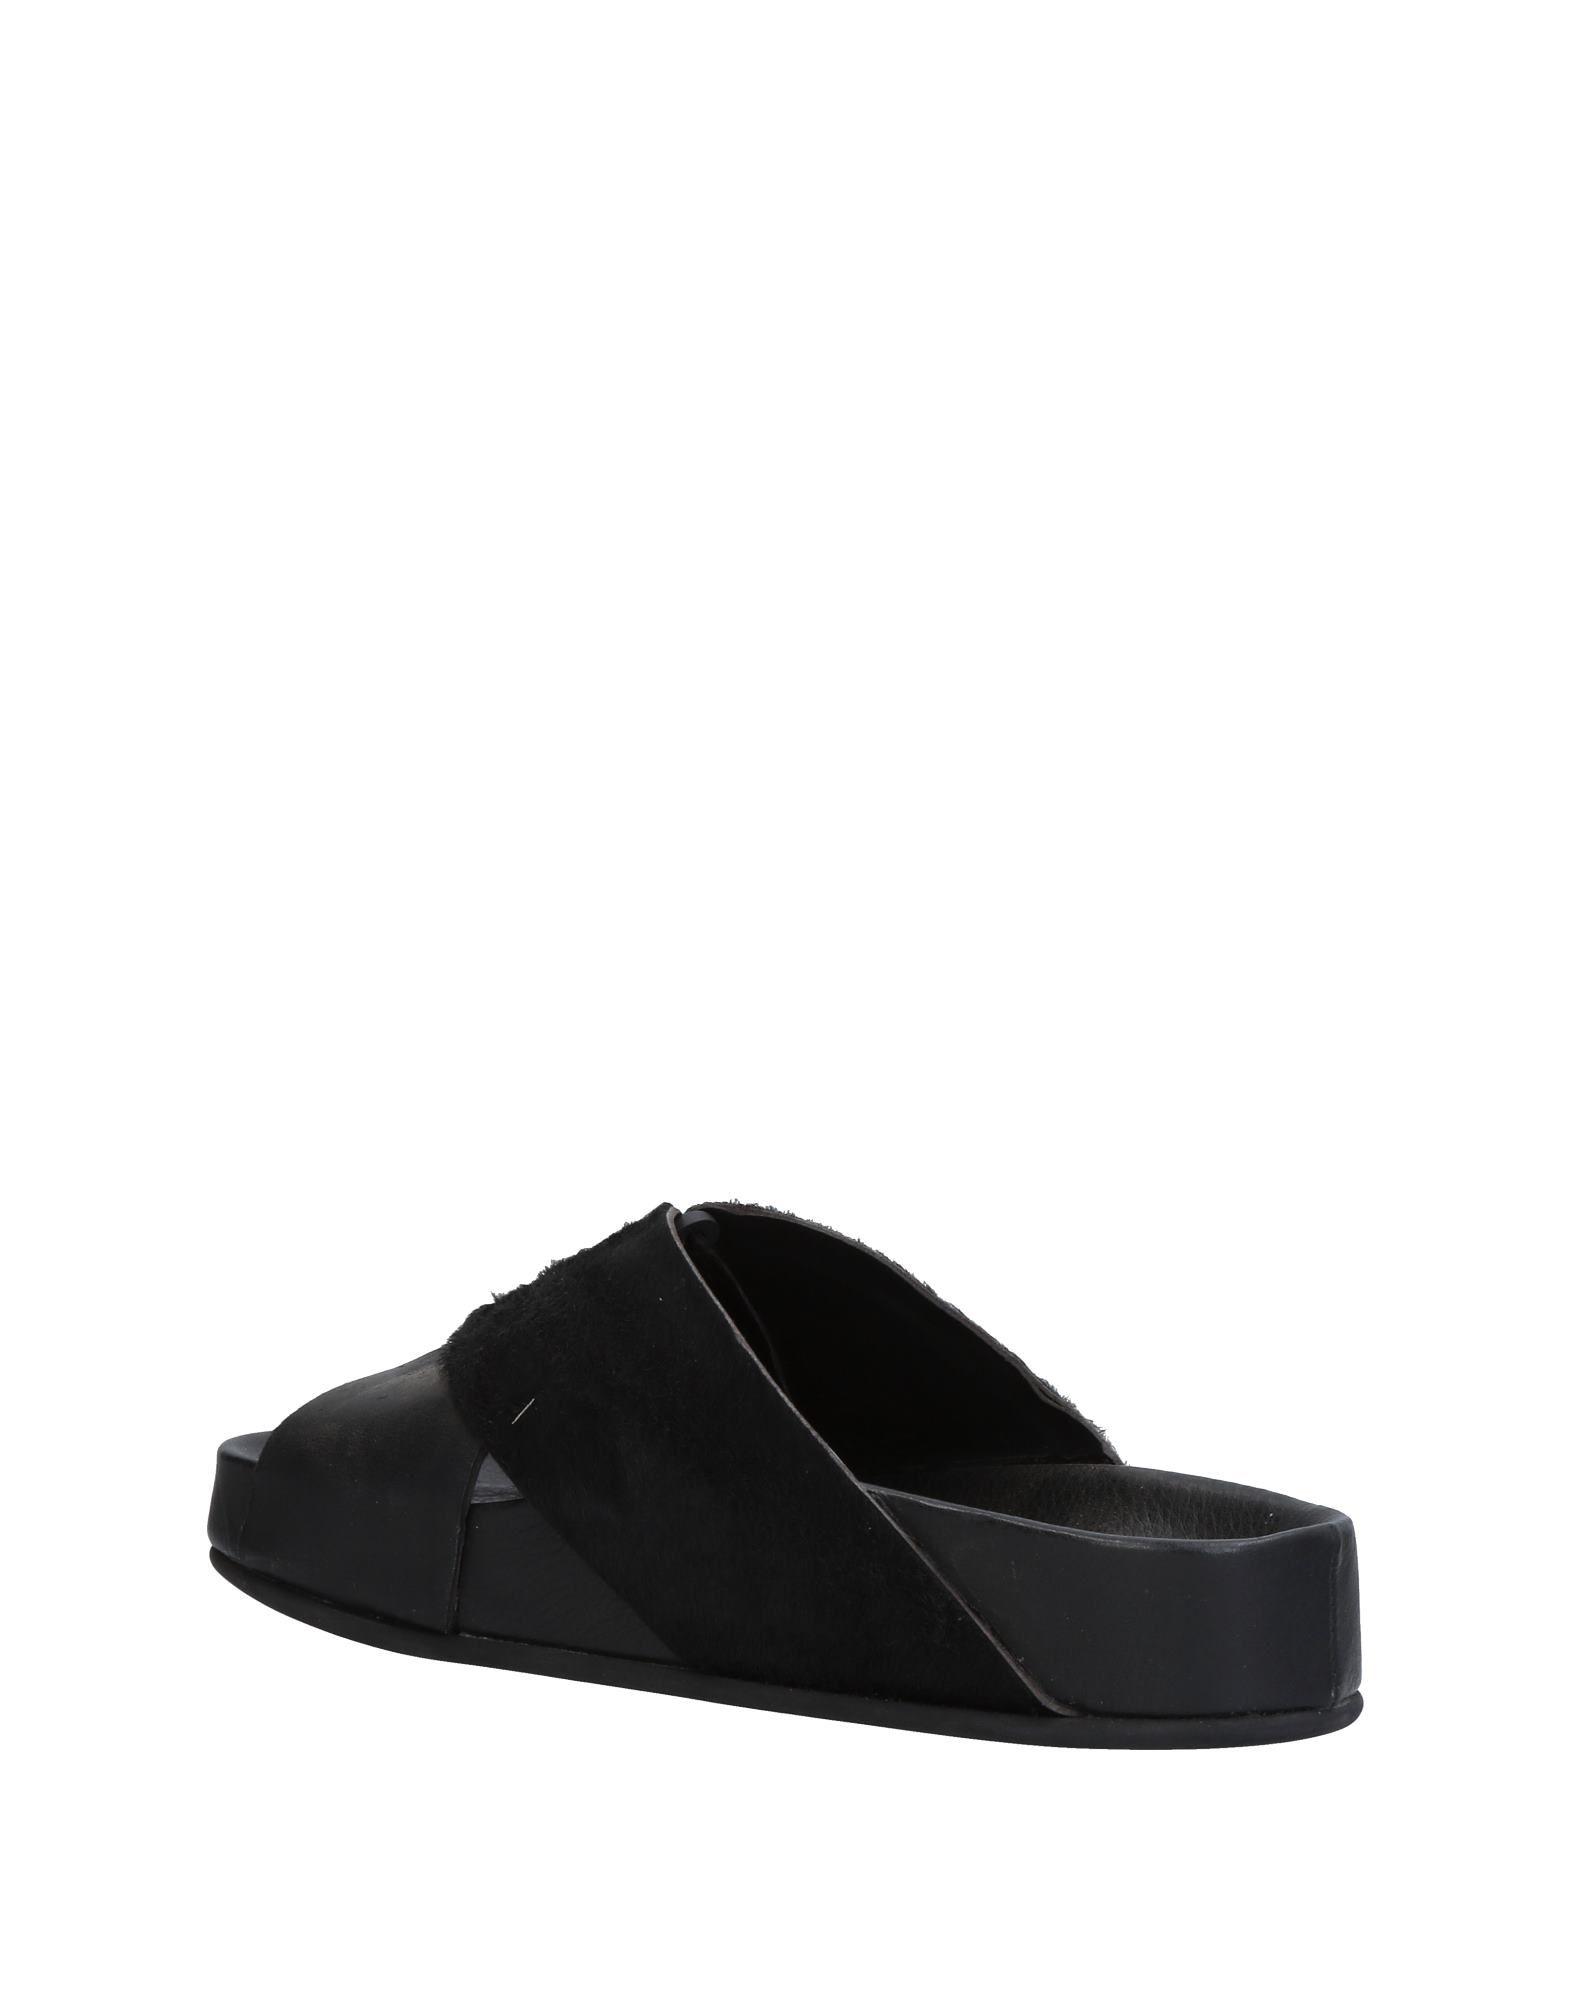 Klassischer Gutes Stil-3848,Leather Crown Sandalen Damen Gutes Klassischer Preis-Leistungs-Verhältnis, es lohnt sich 866f88